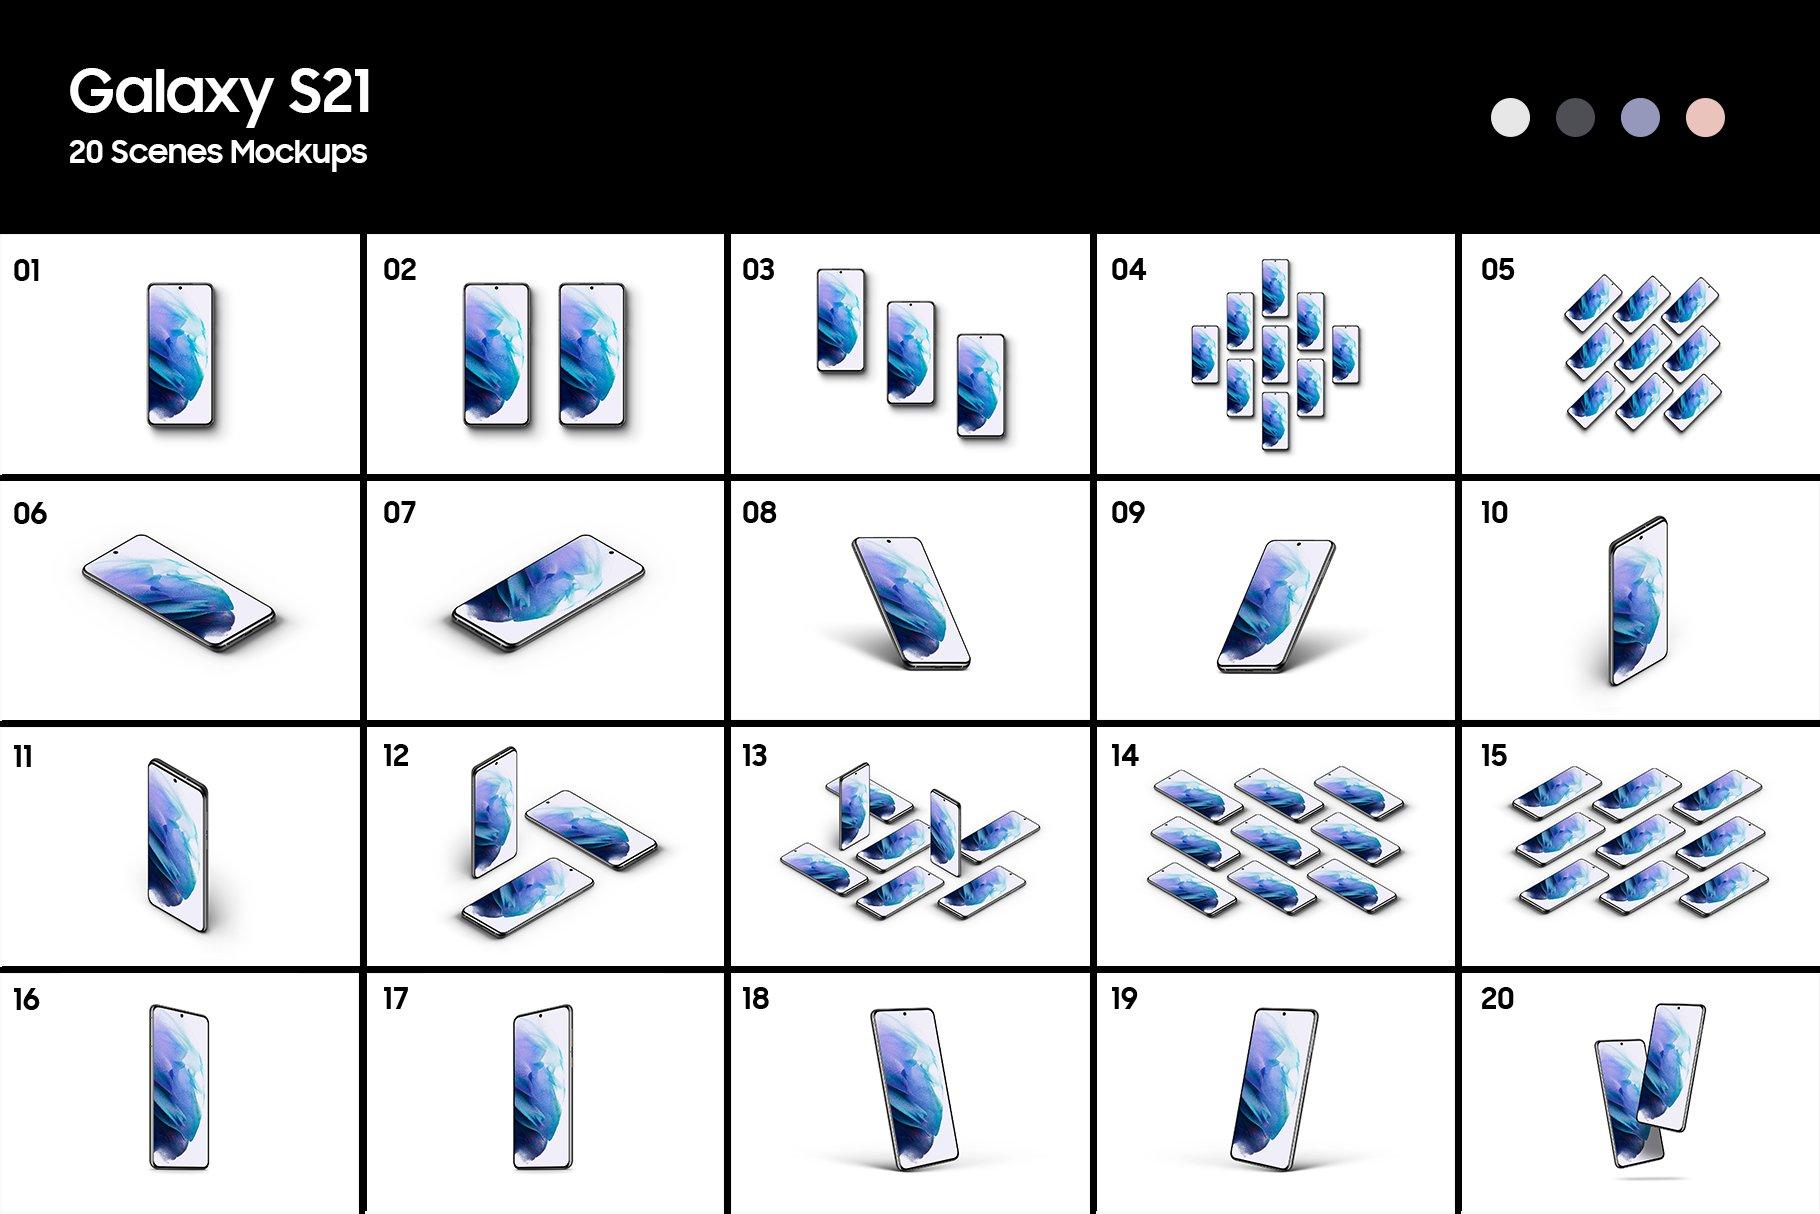 [单独购买] 20款三星Galaxy S21手机网站APP界面设计演示样机模板套件 Galaxy S21 – 20 Mockups Scenes插图1